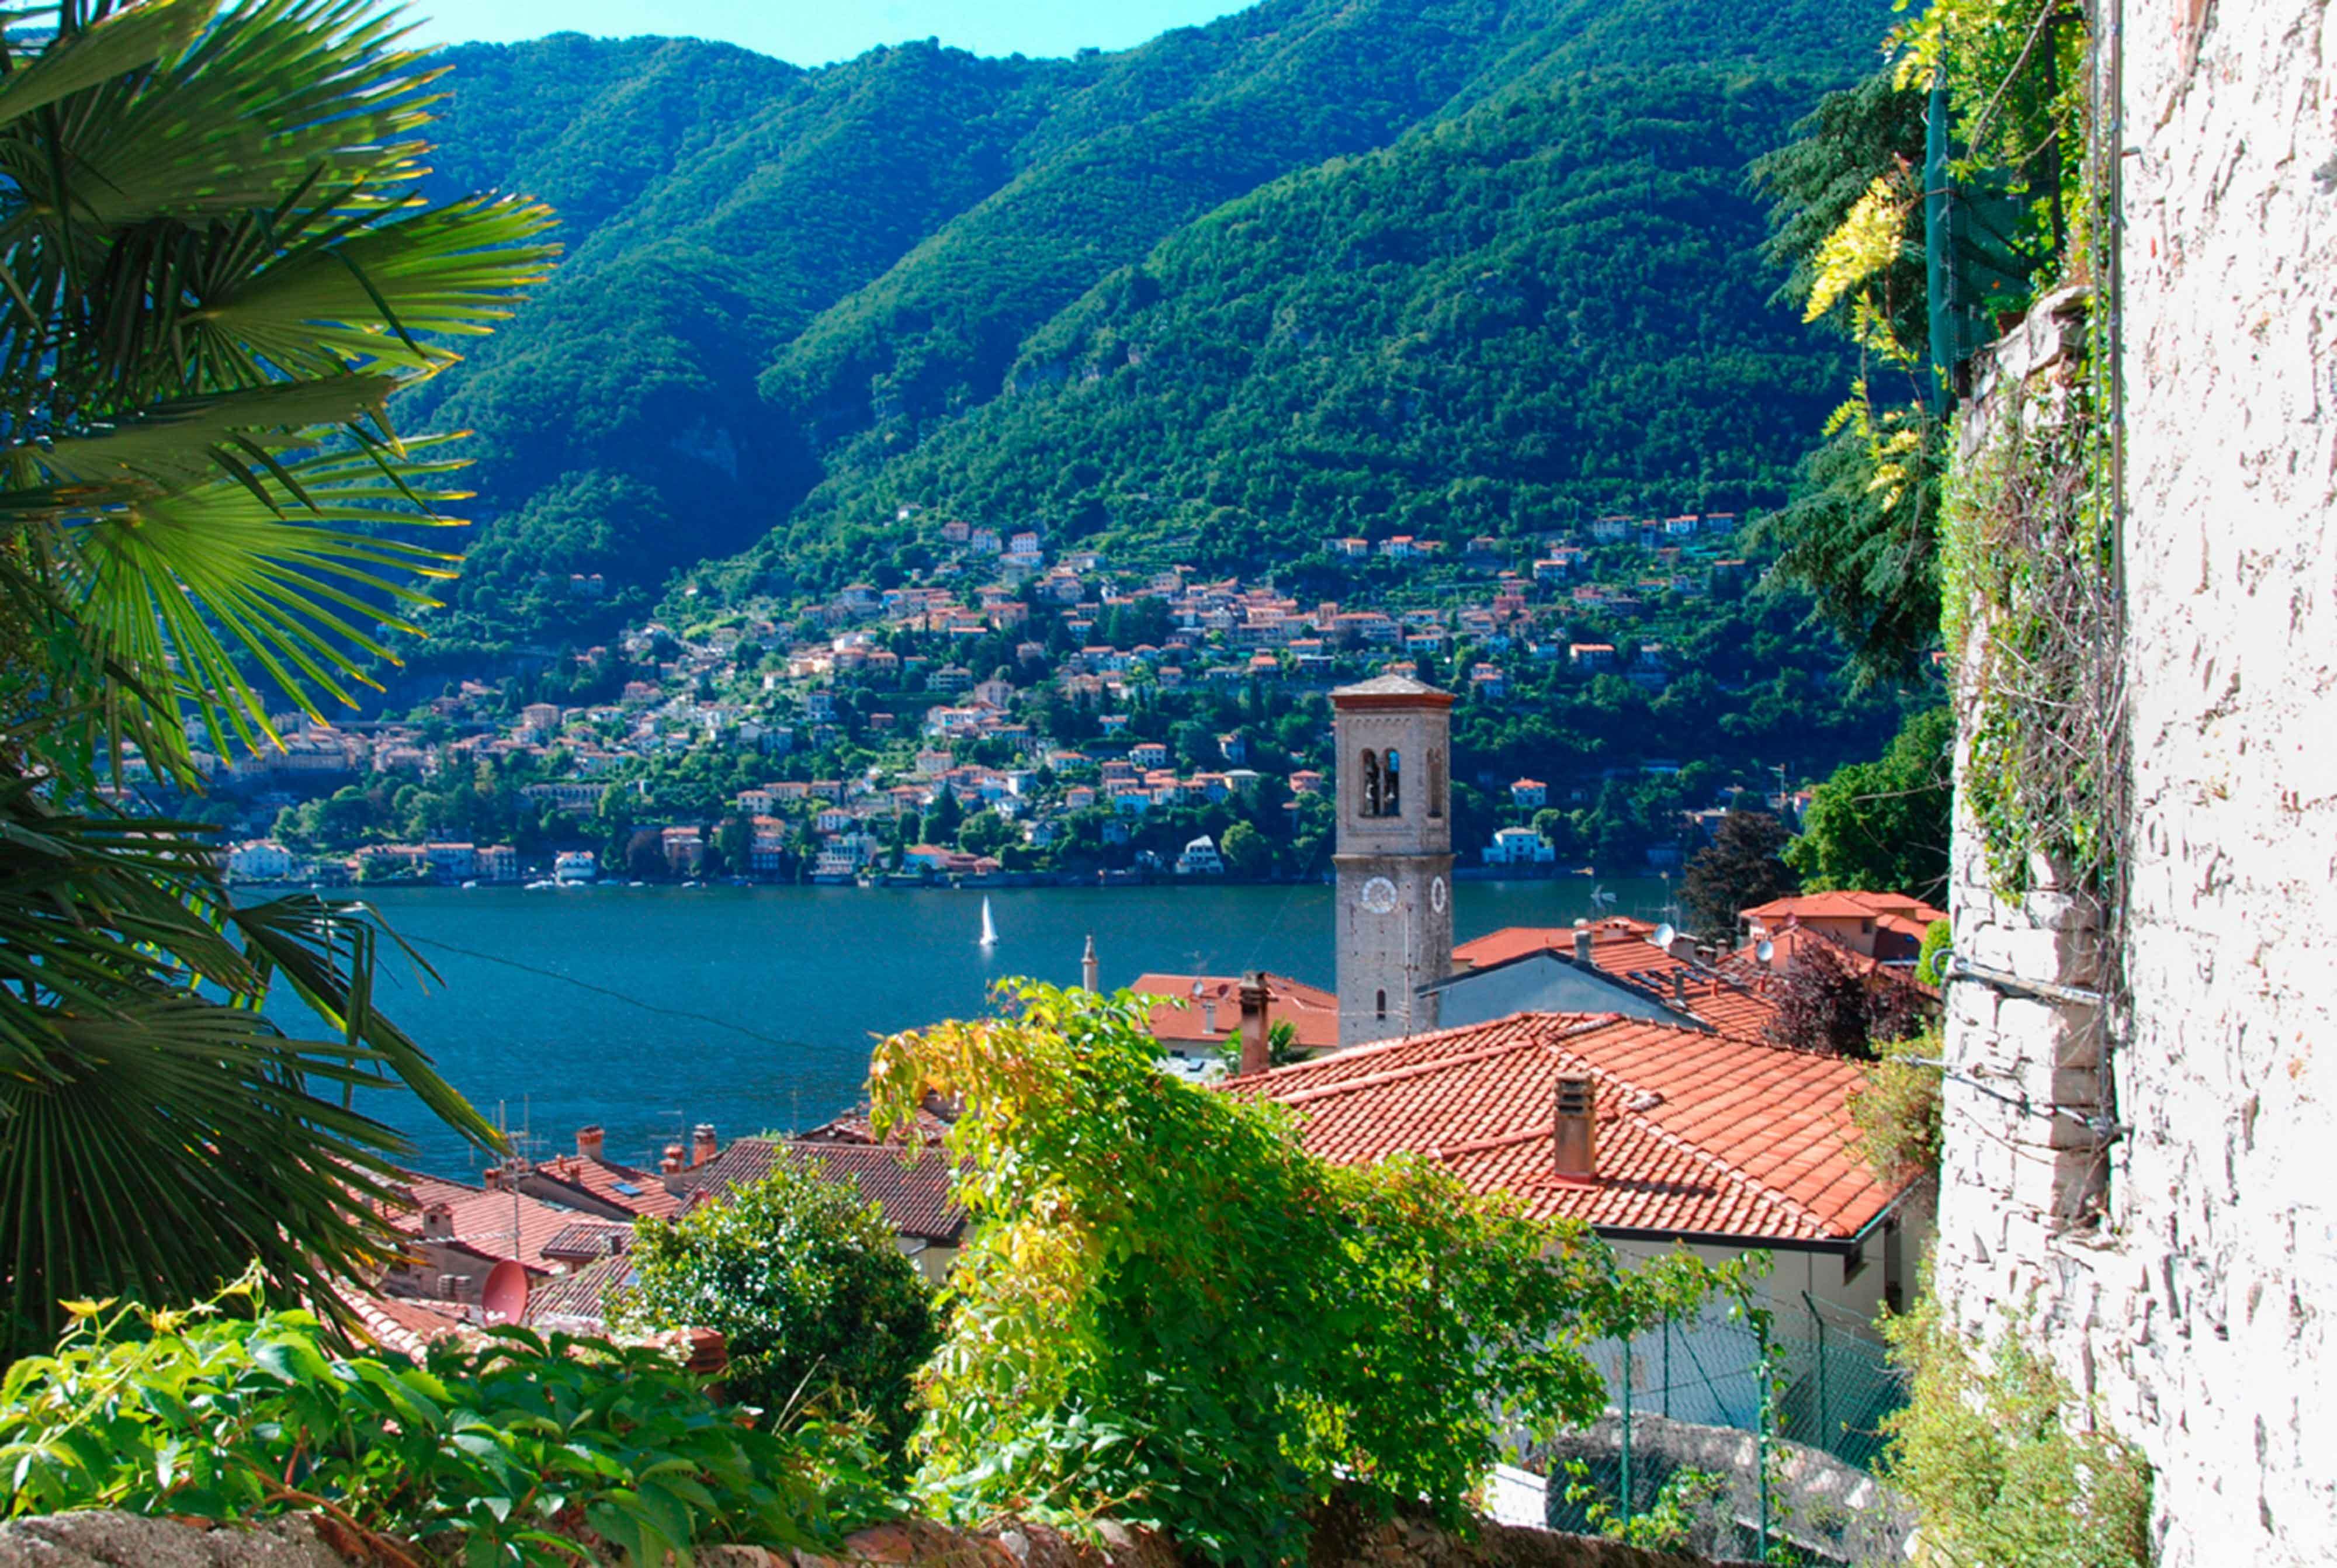 lago_di_como_italy_lake_landscape_4000x2684